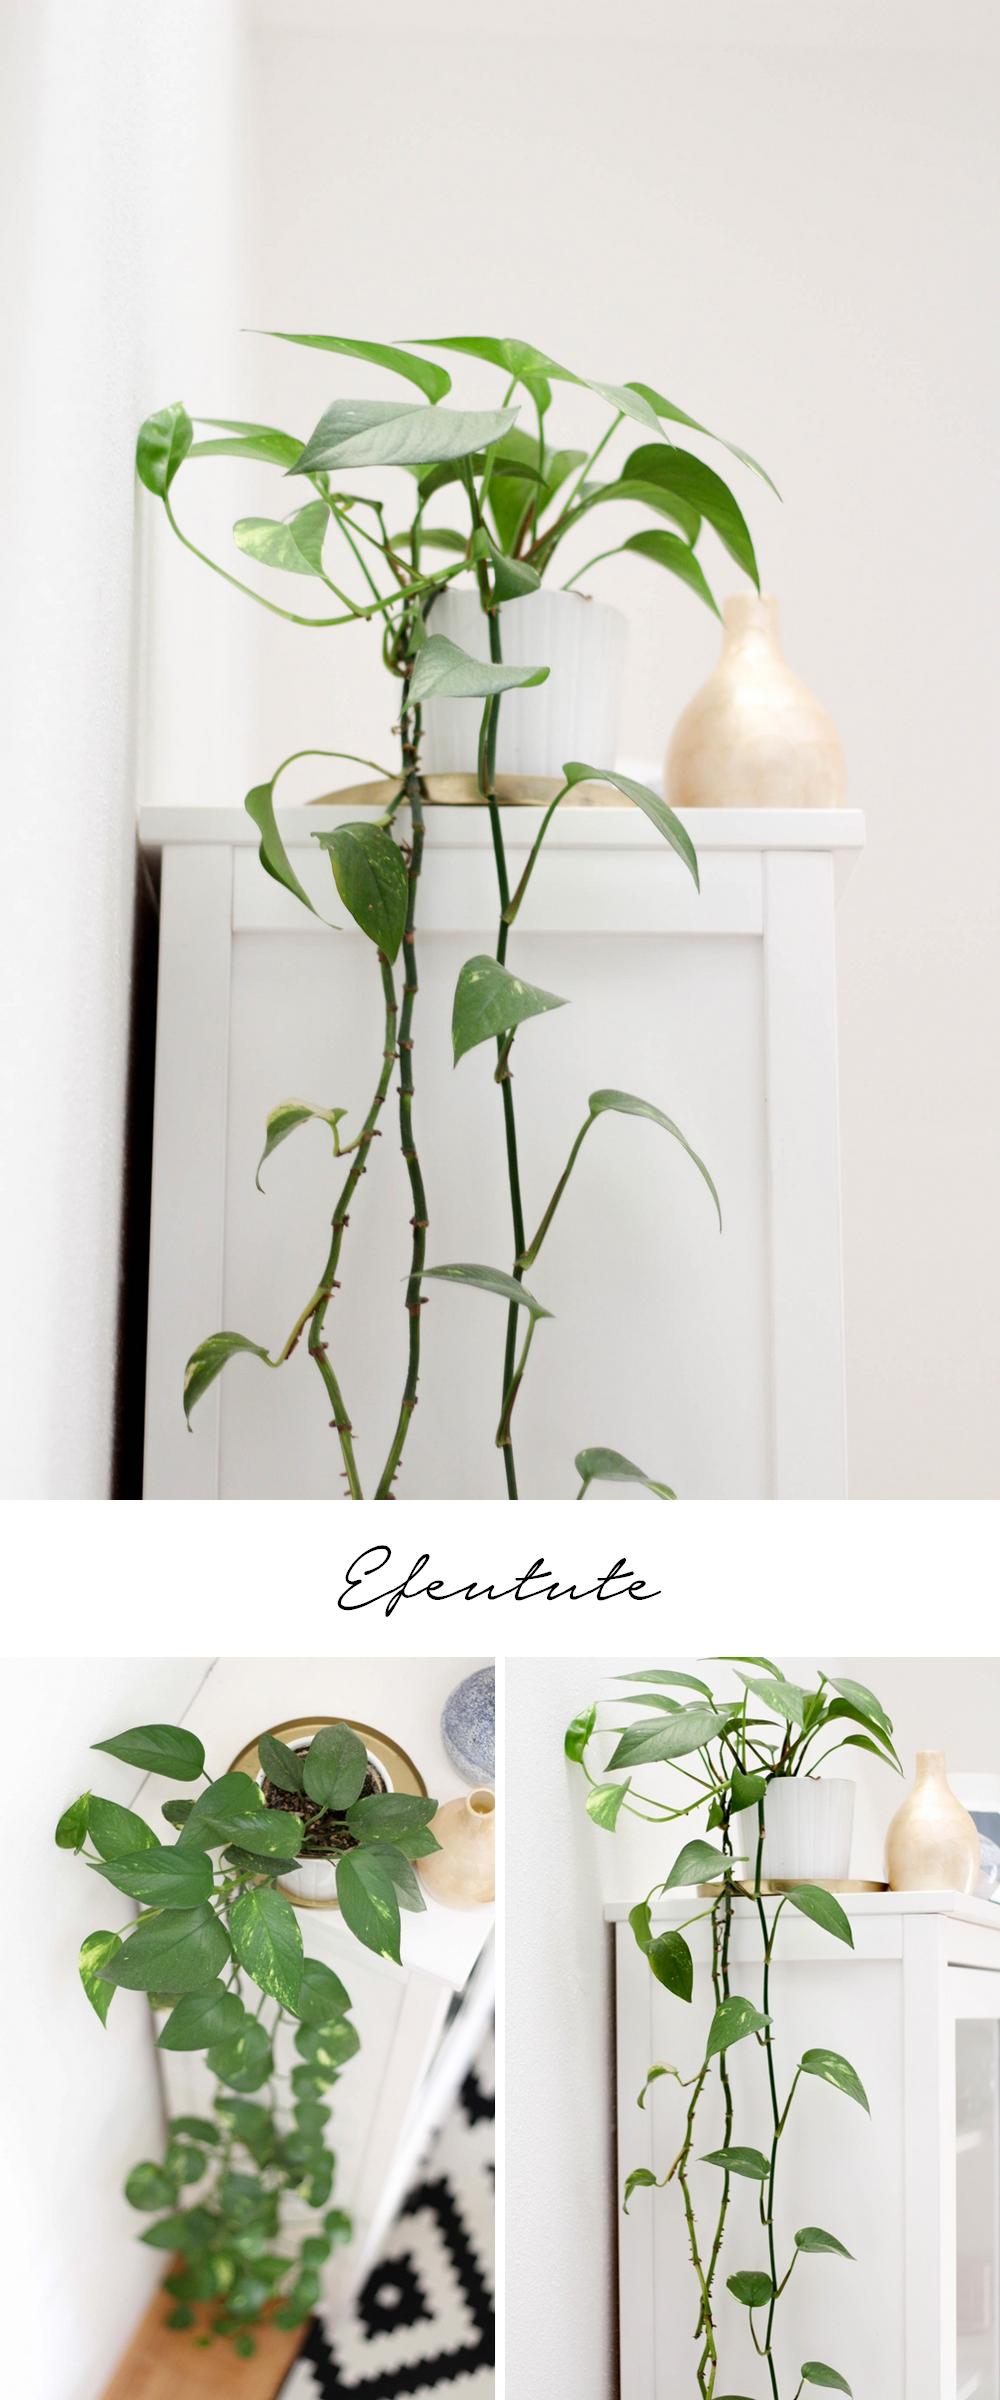 5 pflegeleichte Zimmerpflanzen und meine neuen Blumentöpfe aus der Zalando Lounge: Efeutute